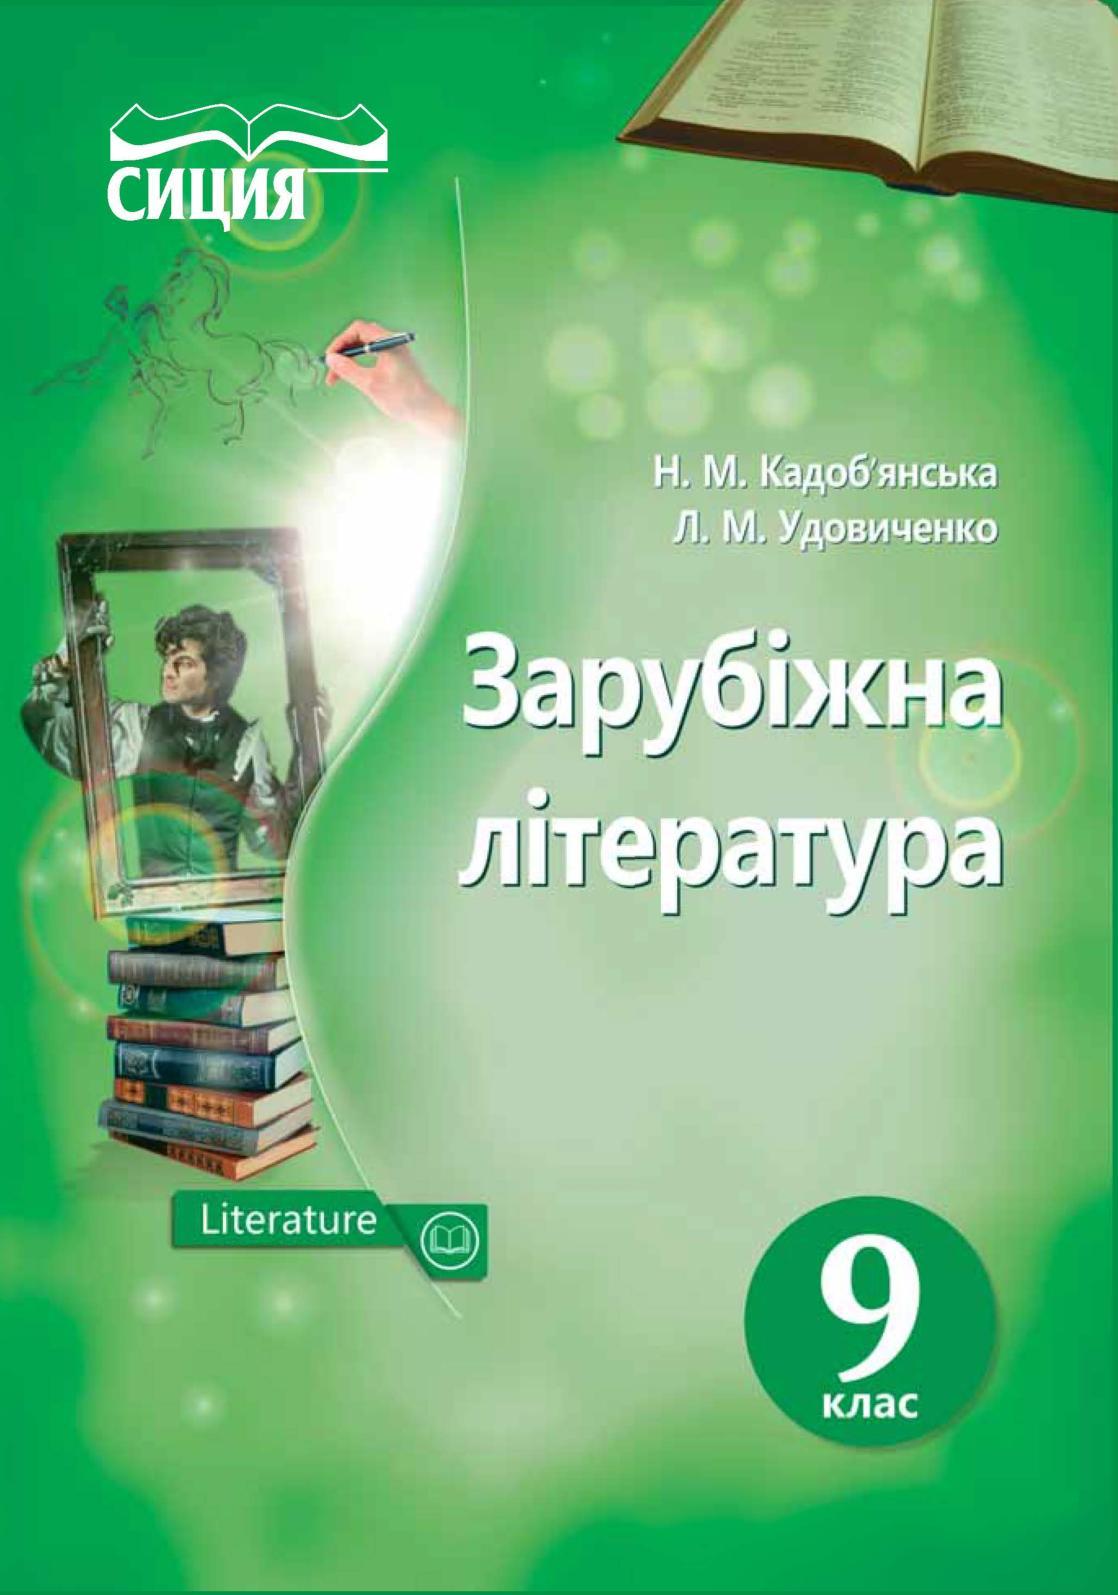 Calaméo - 9 Klas Zarubizhna Literatura Kadobjanska 2017 266336f7a4013